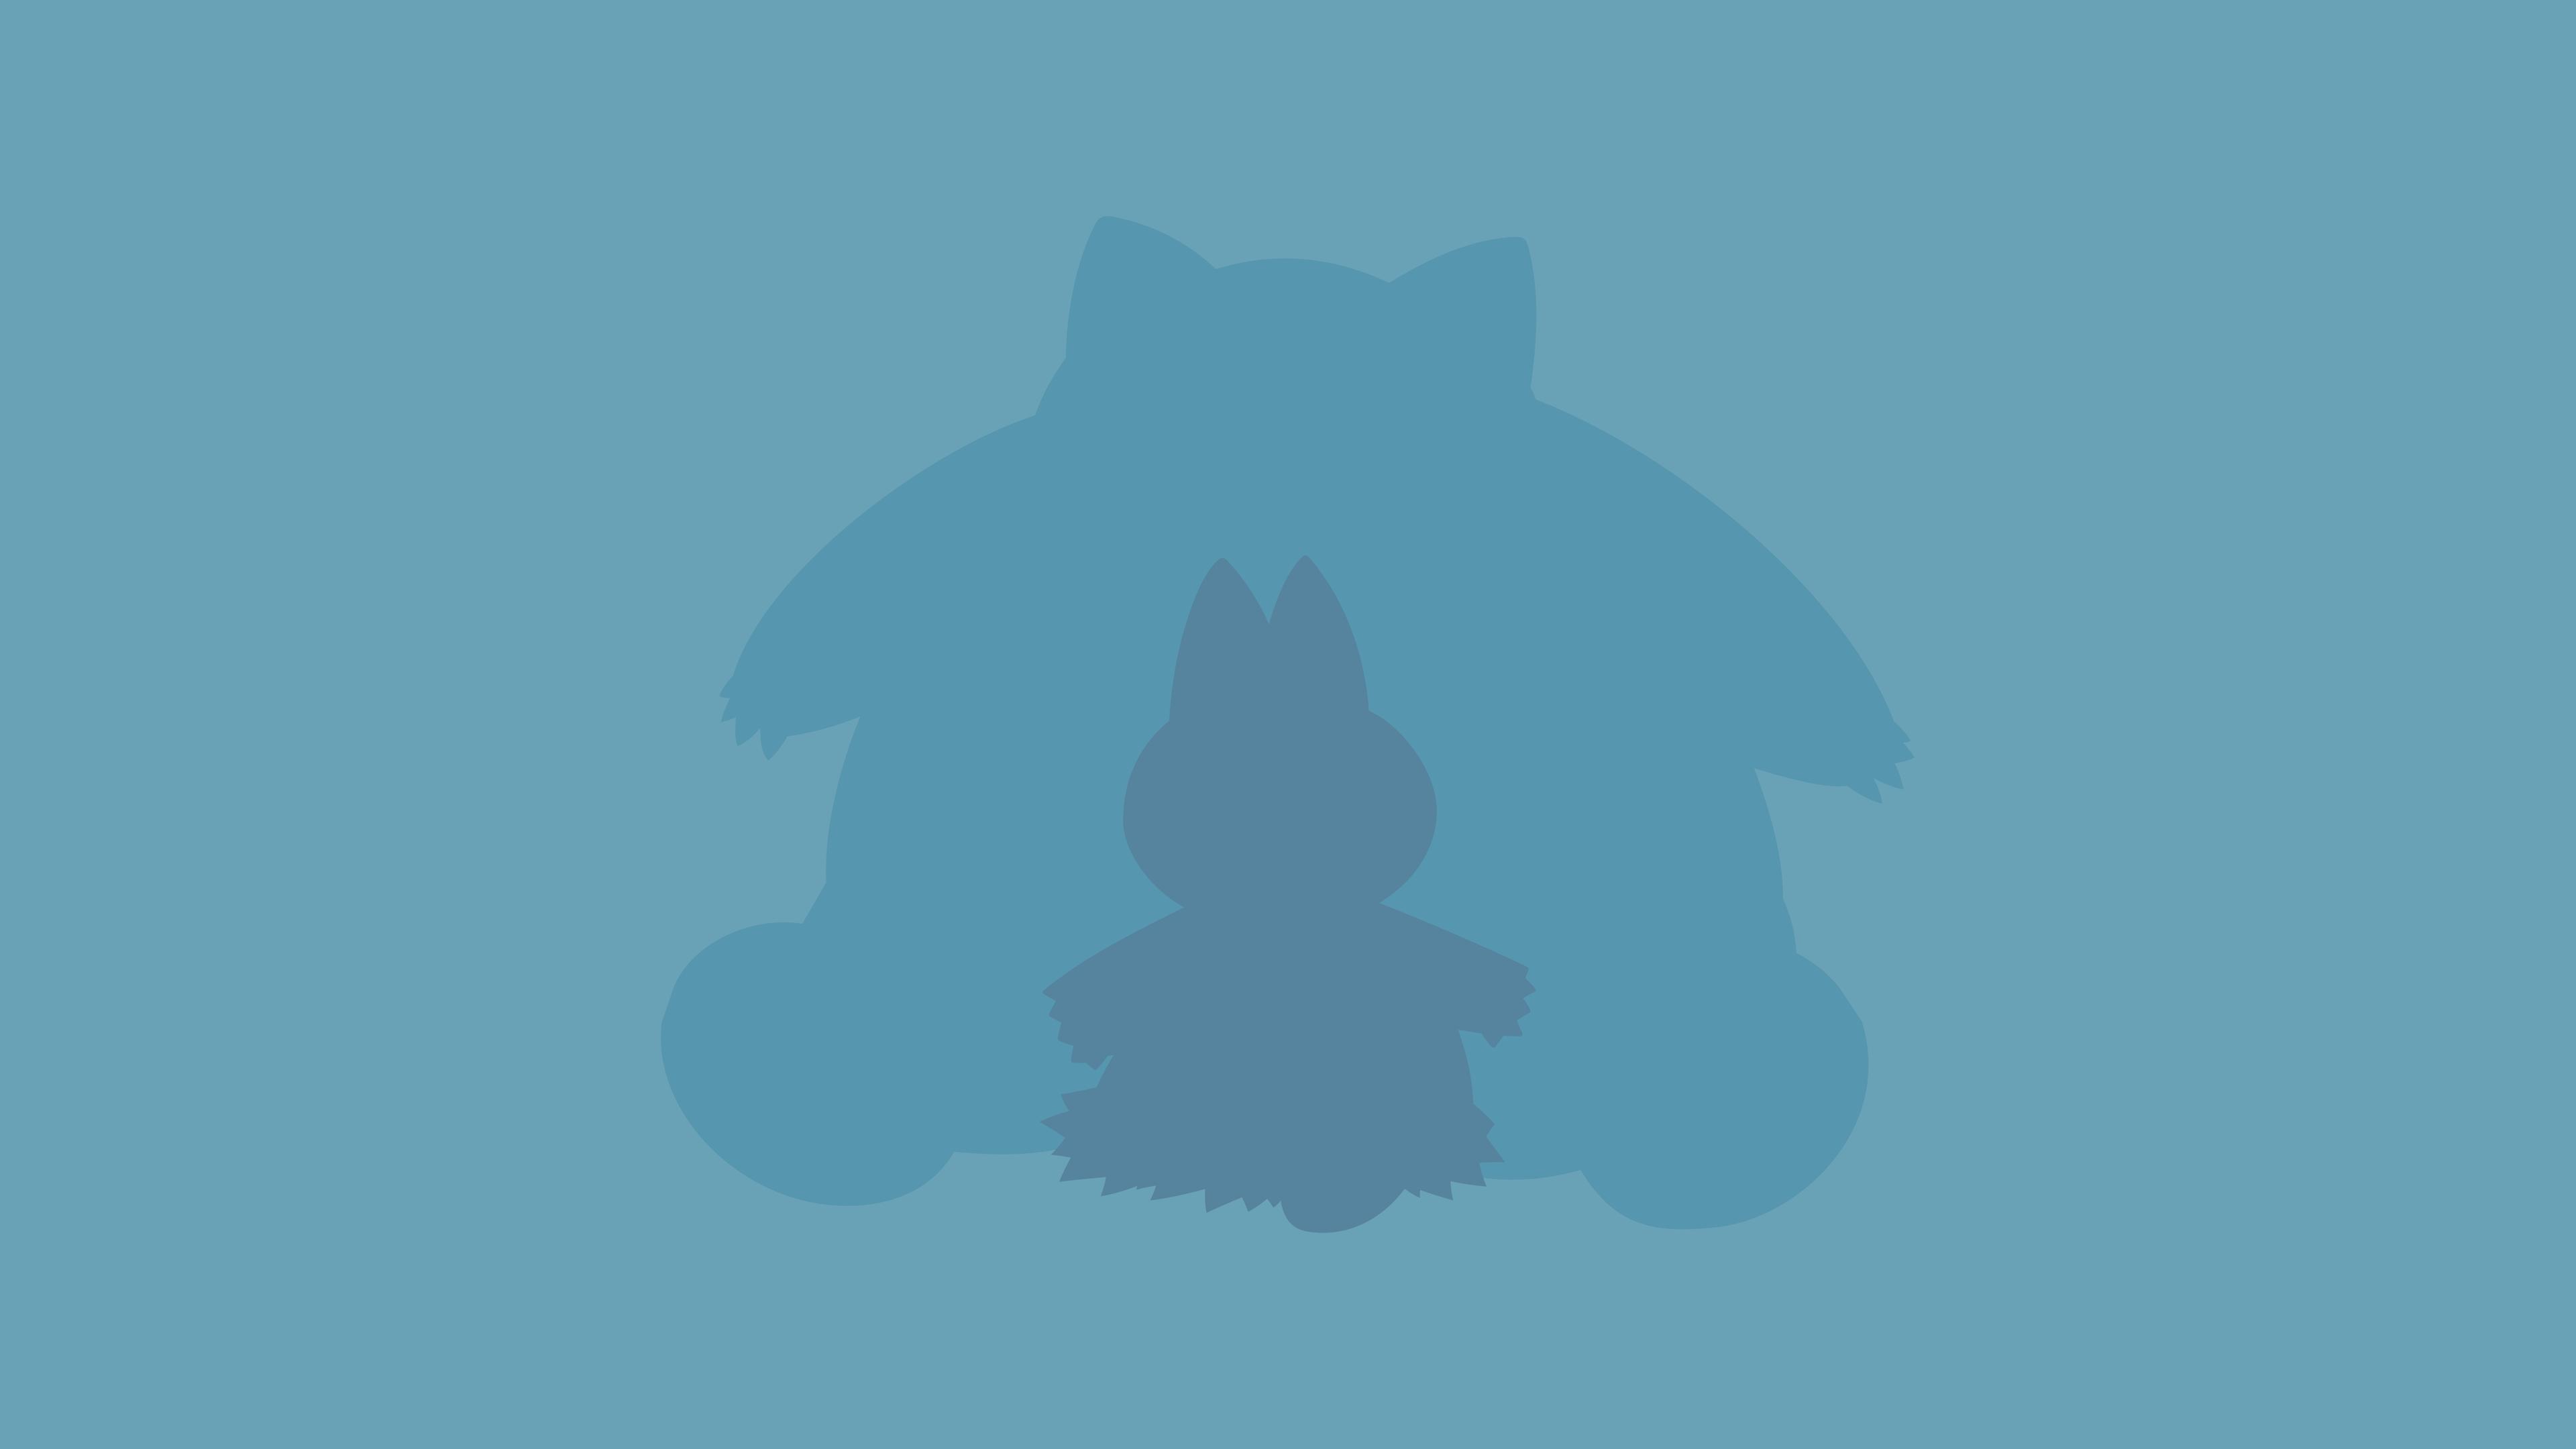 Pokemon 4k Ultra Hd Wallpaper カビゴン 壁紙 Pc 294500 Hd